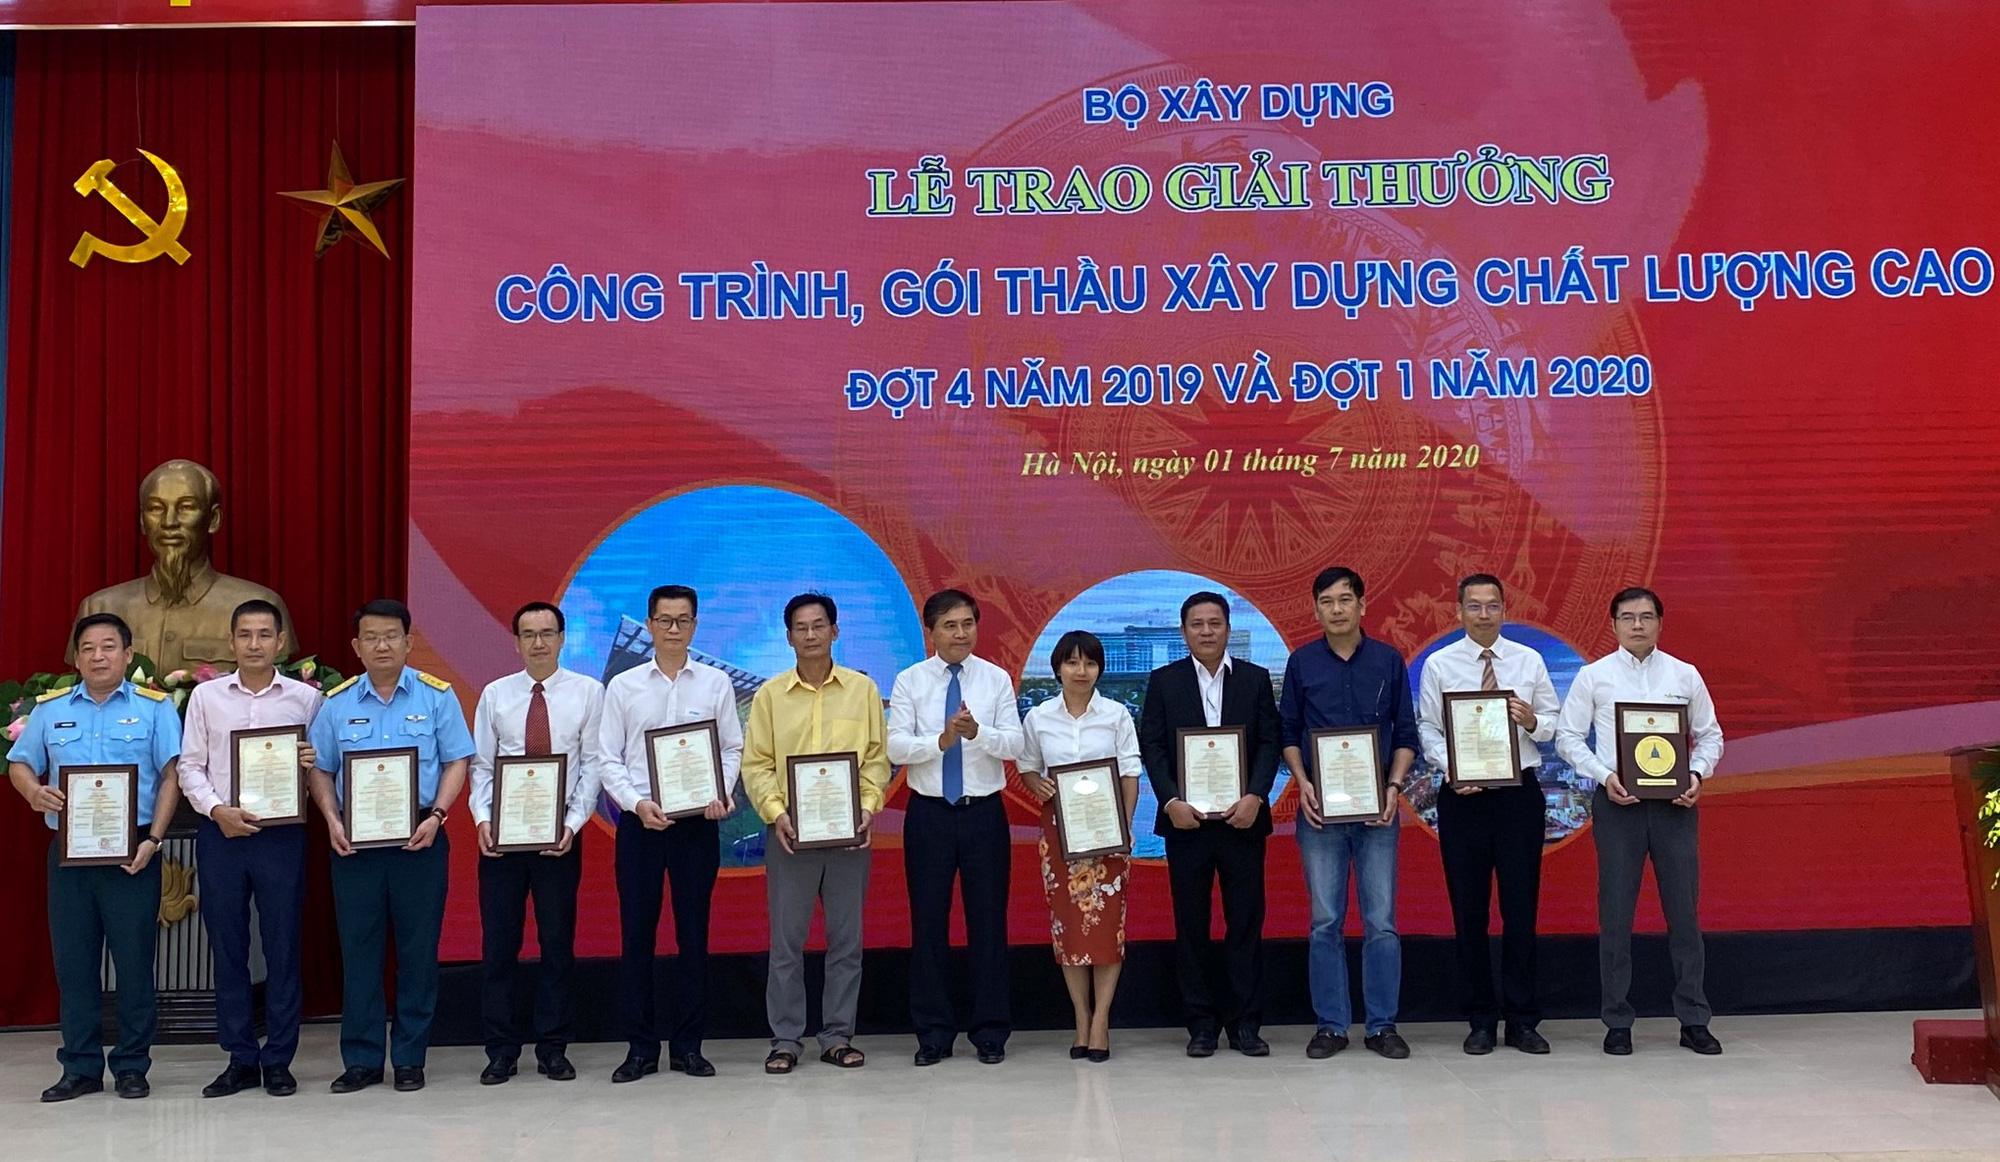 Sân bay quốc tế Vân Đồn nhận giải thưởng Công trình chất lượng cao - Ảnh 1.